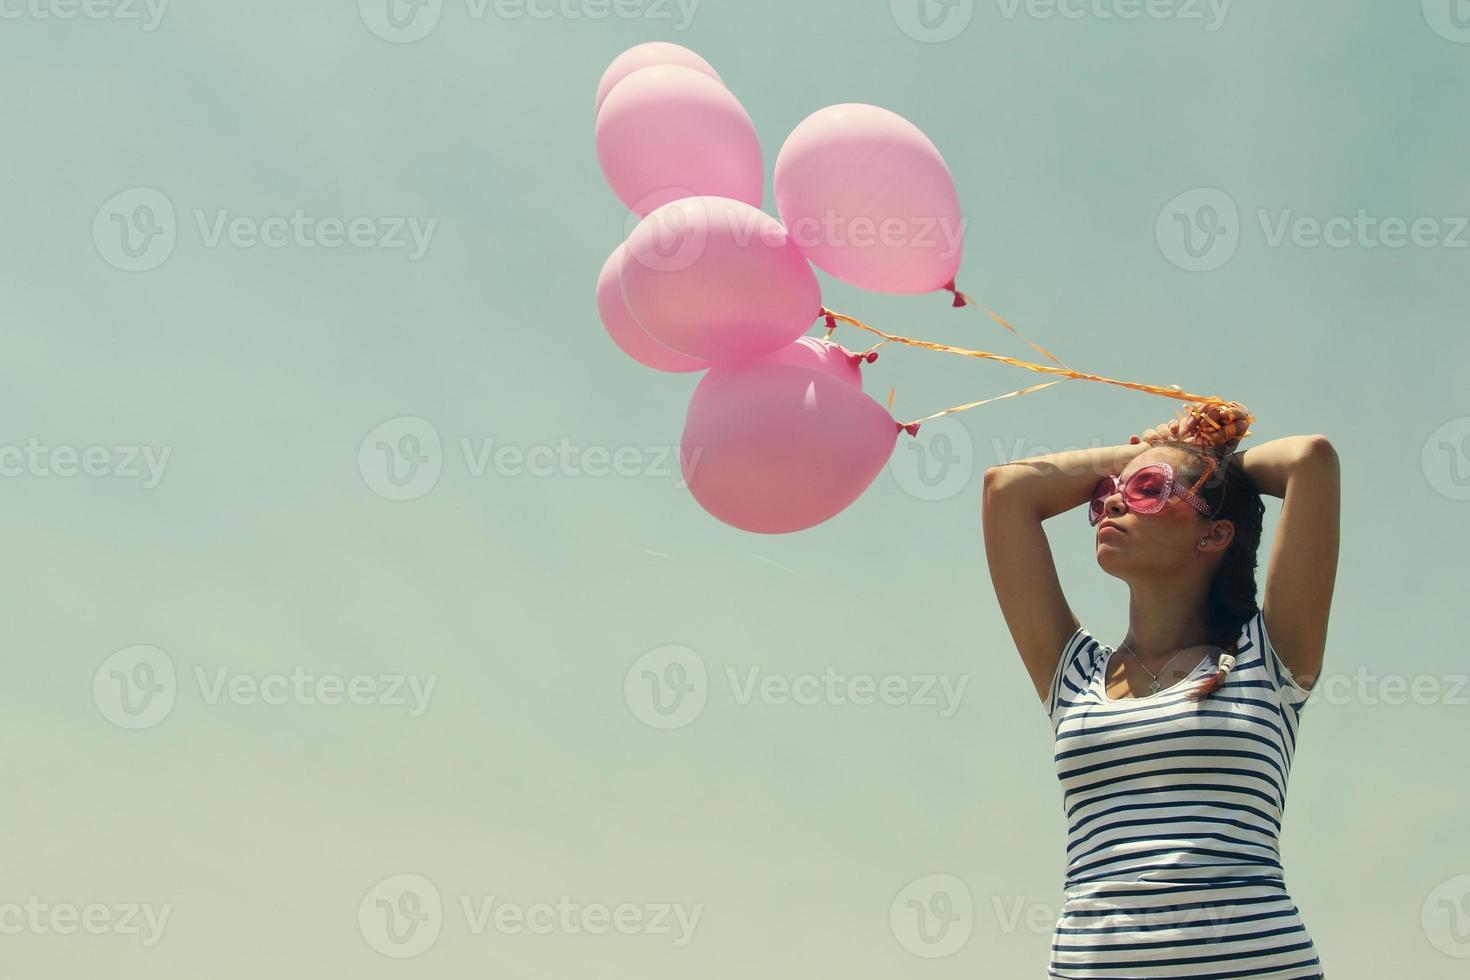 belle femme avec des ballons colorés photo